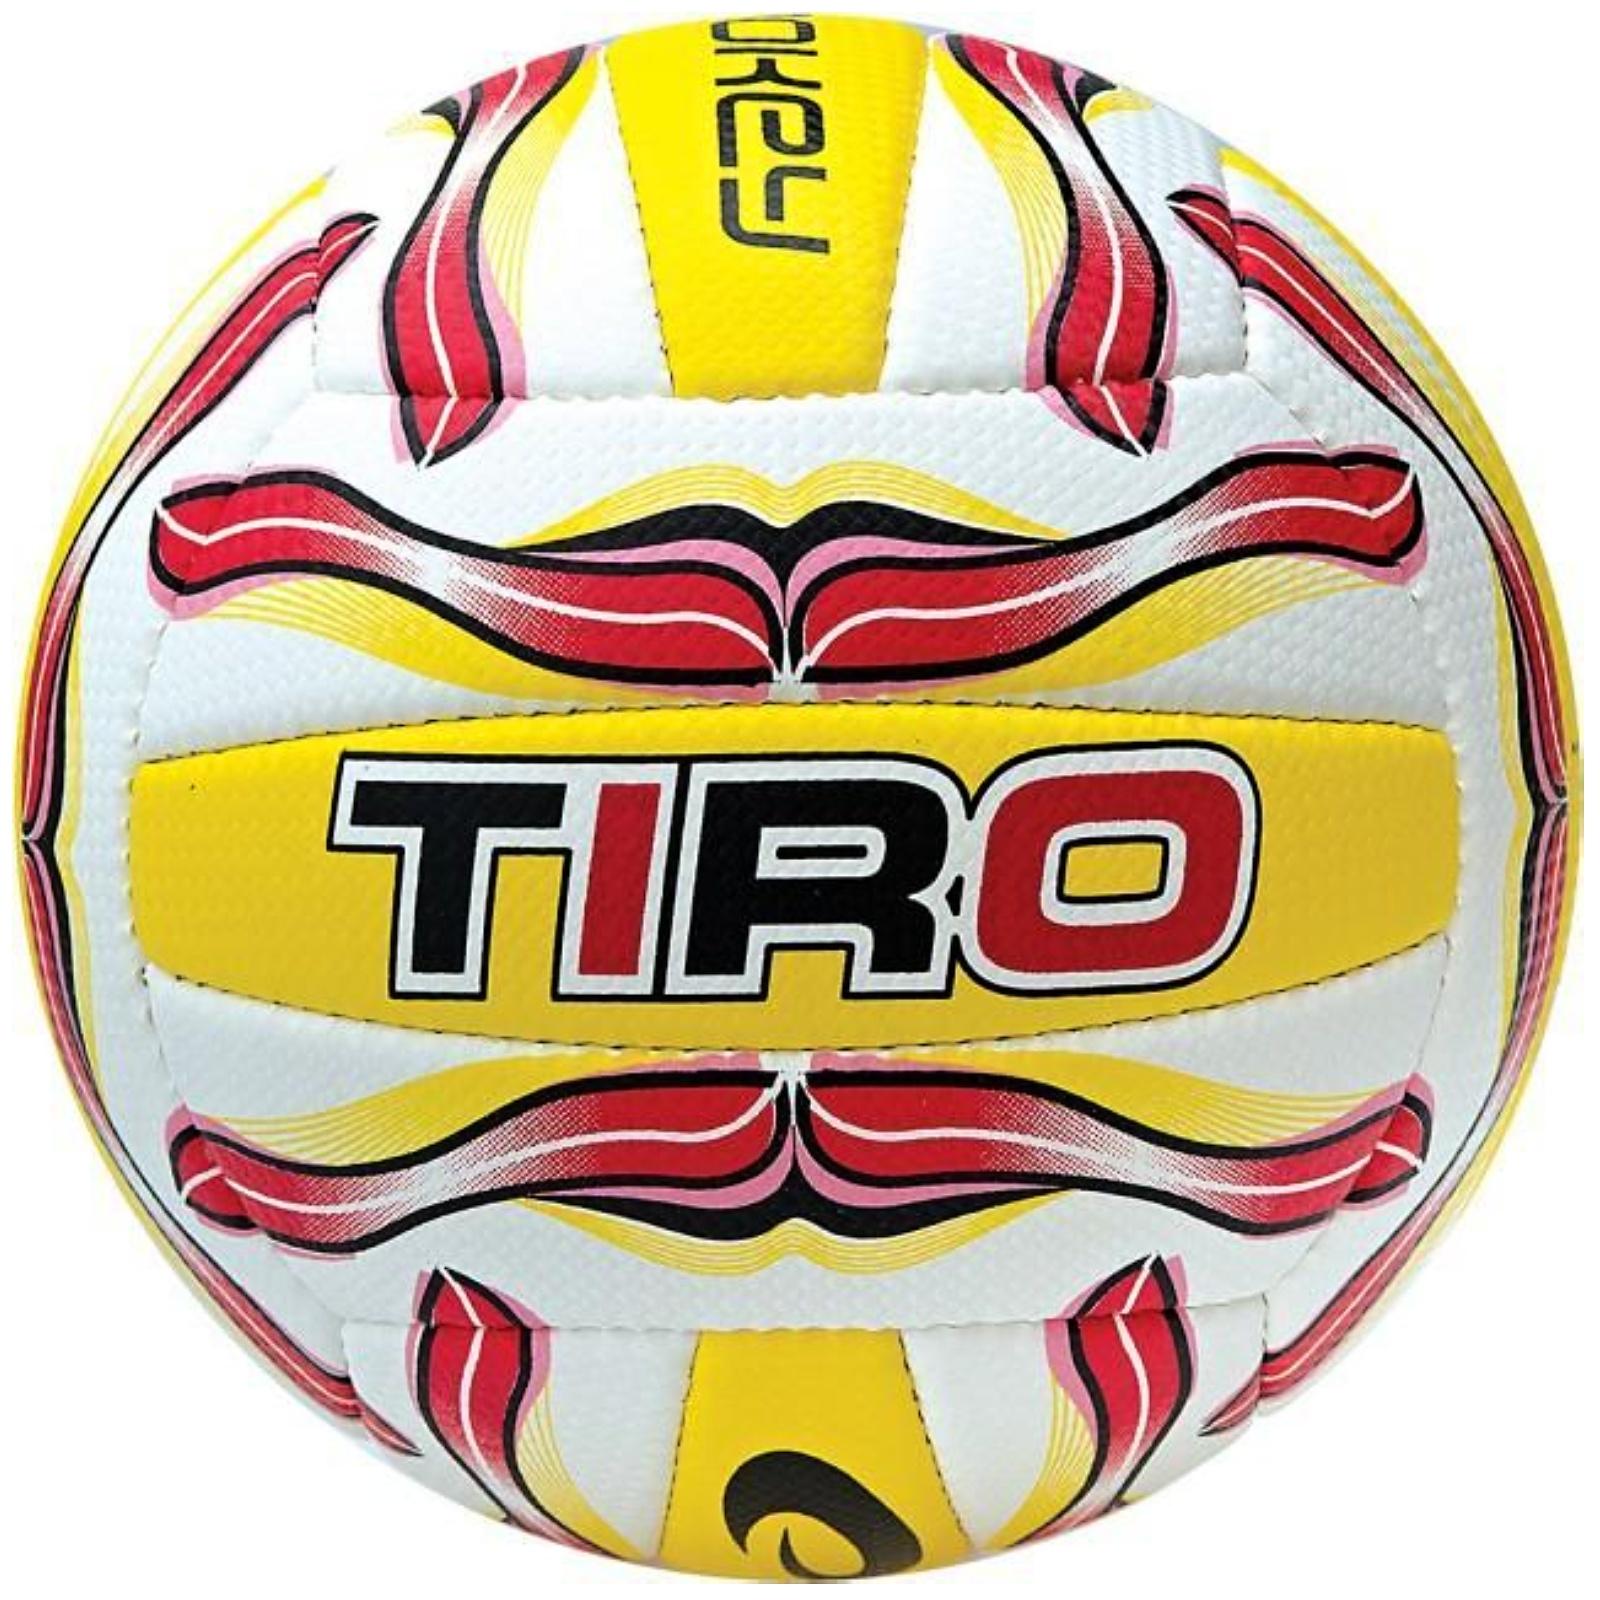 Volejbalový míč SPOKEY Tiro II žlutý